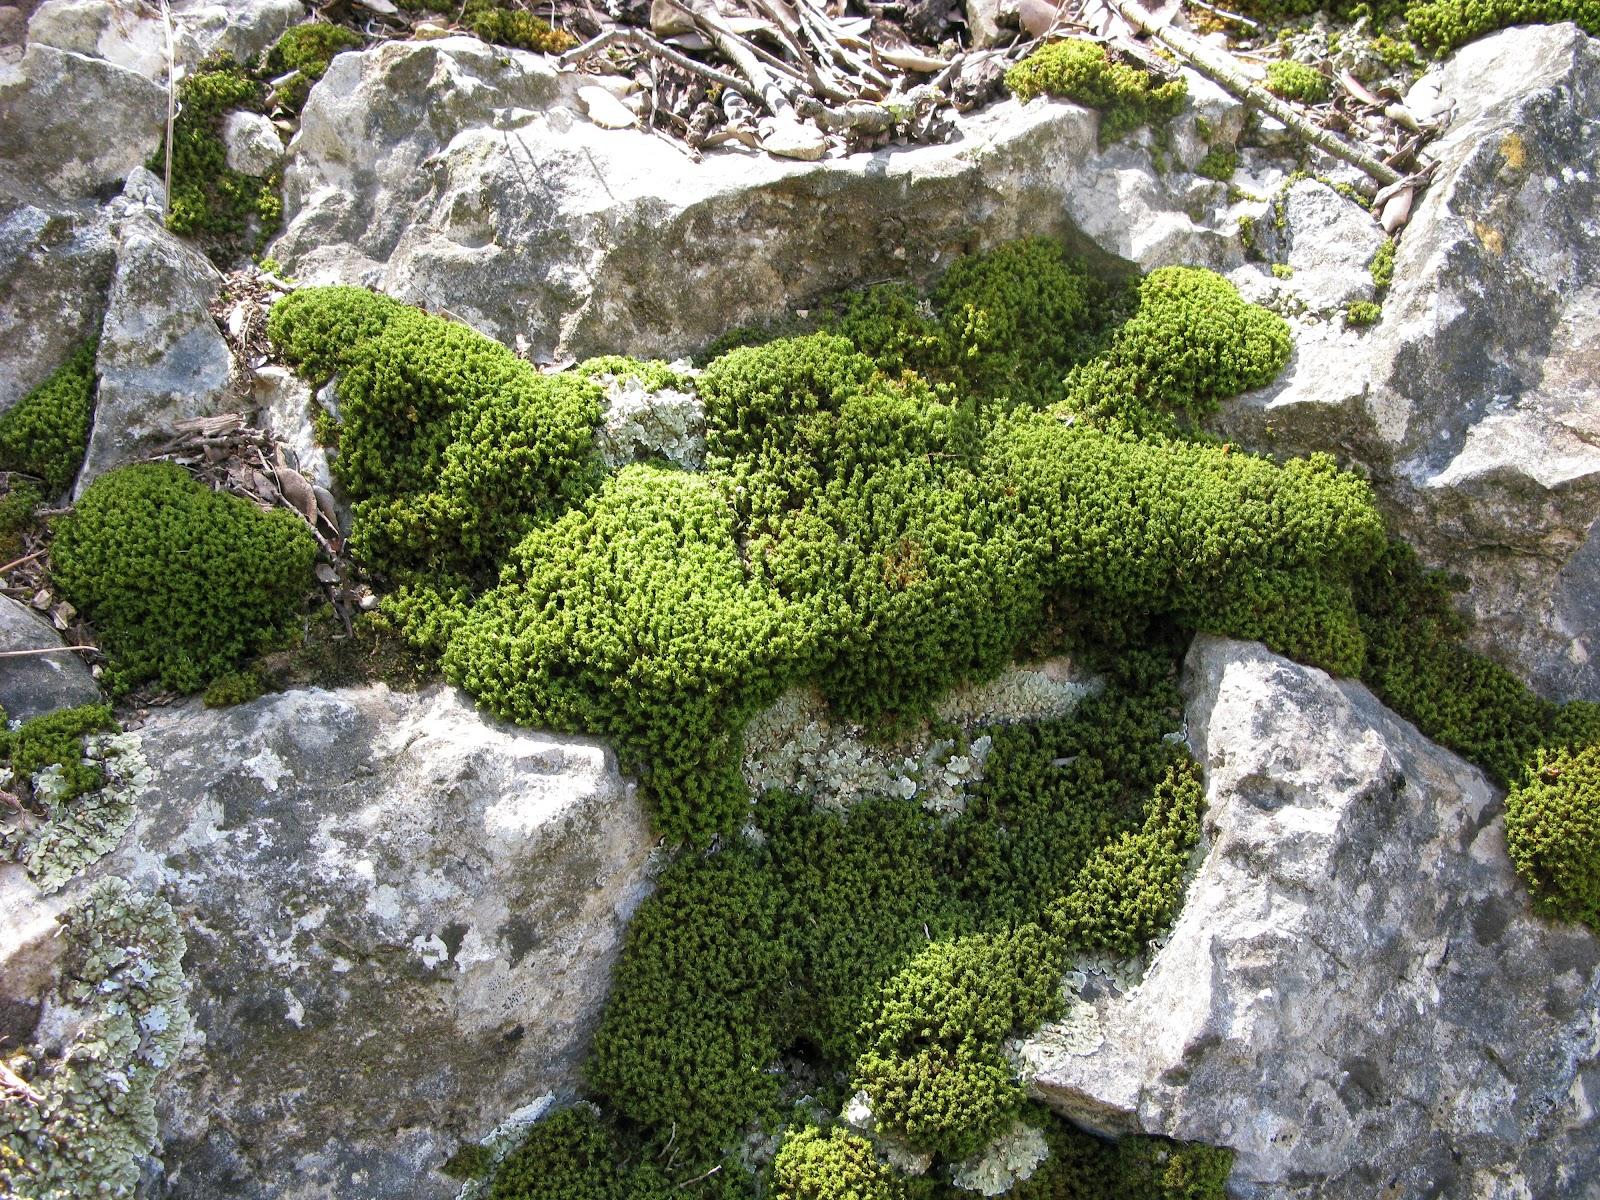 el signo de la libertad piedra y musgo